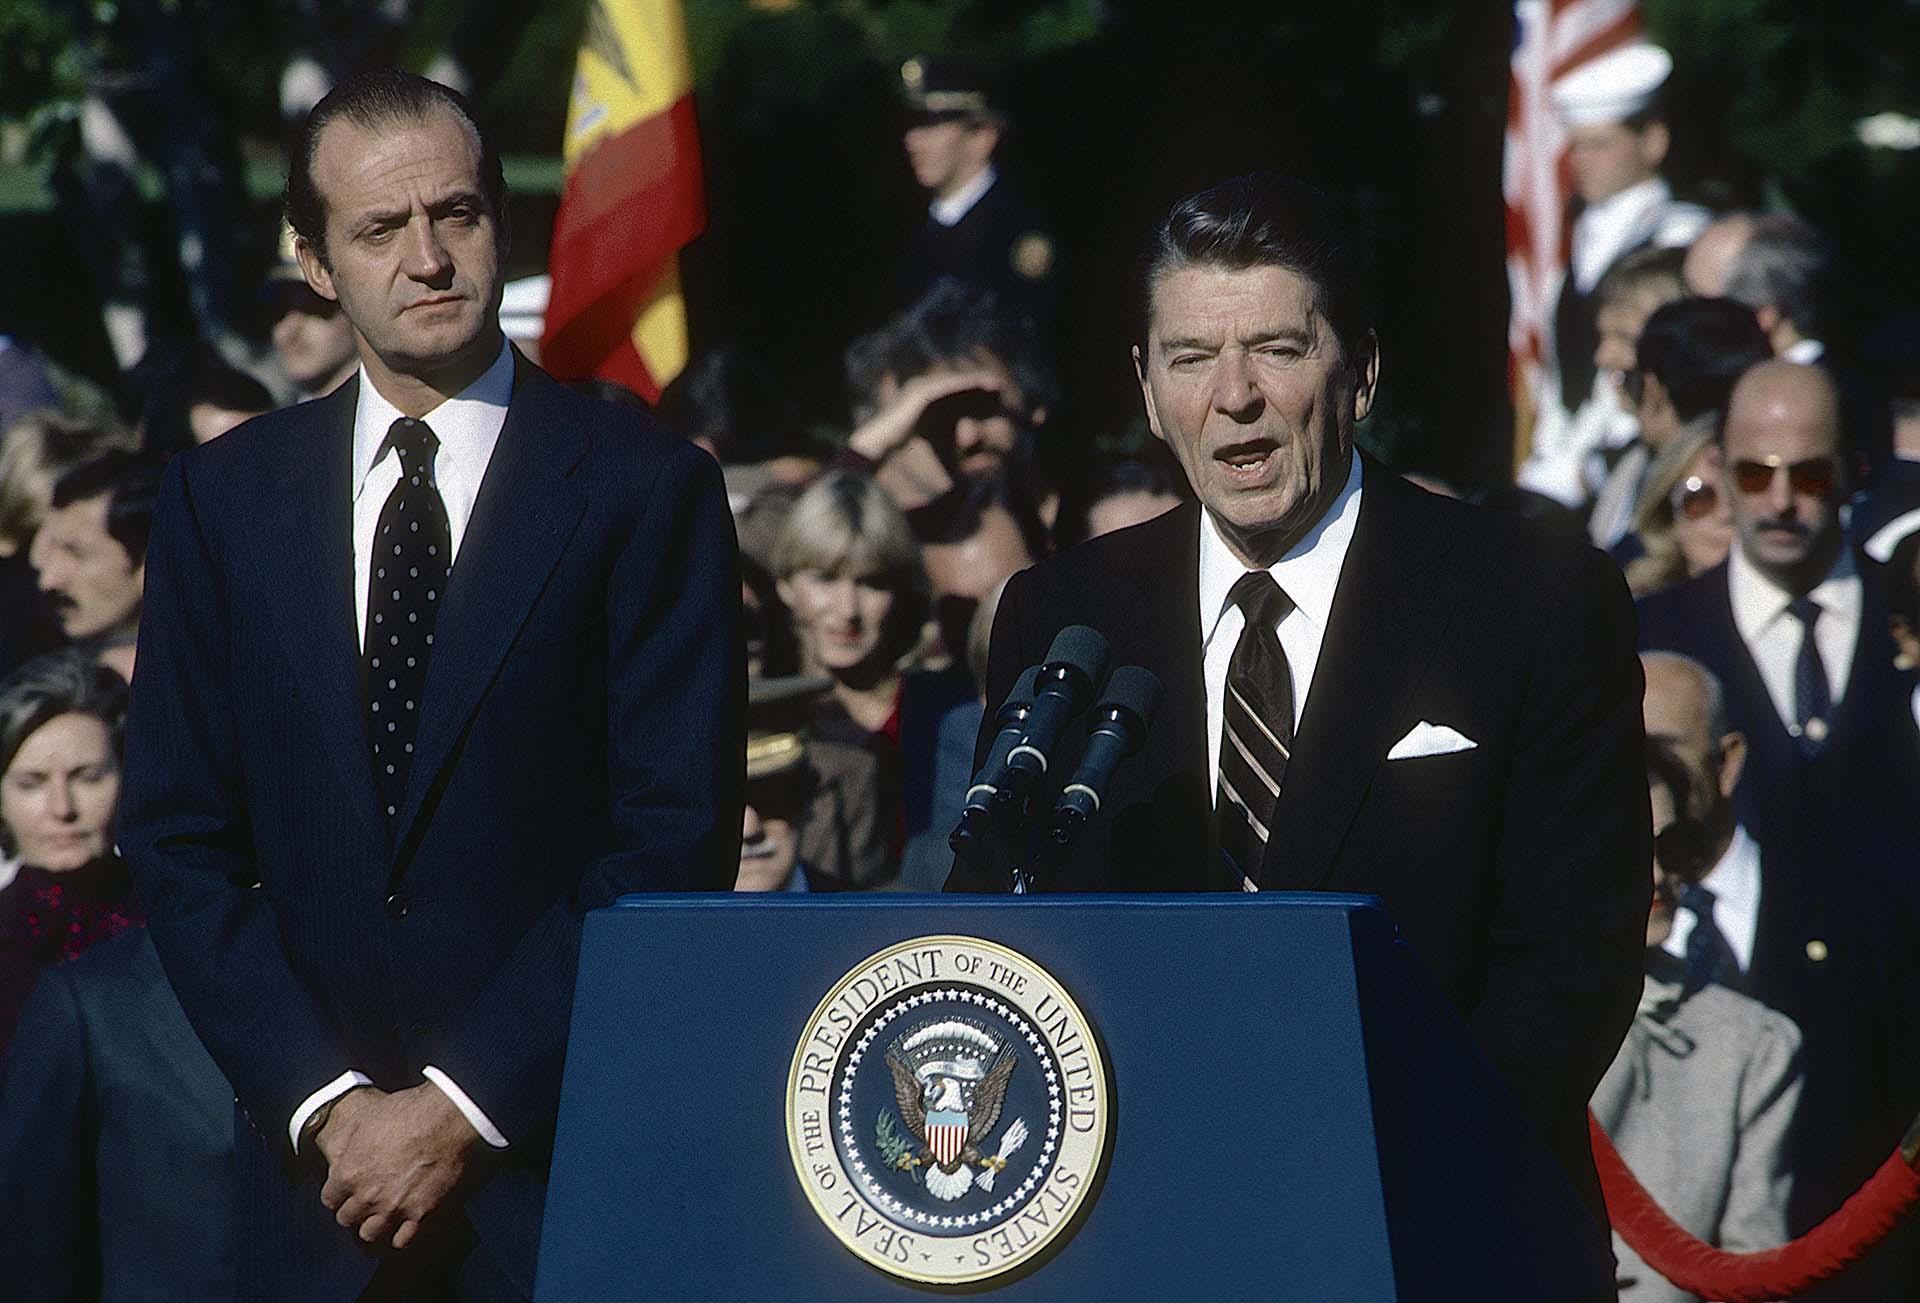 El presidente Ronald Reagan y el rey Juan Carlos de España hacen comentarios durante la ceremonia oficial de llegada del estado en el jardín sur de la Casa Blanca (Shutterstock)